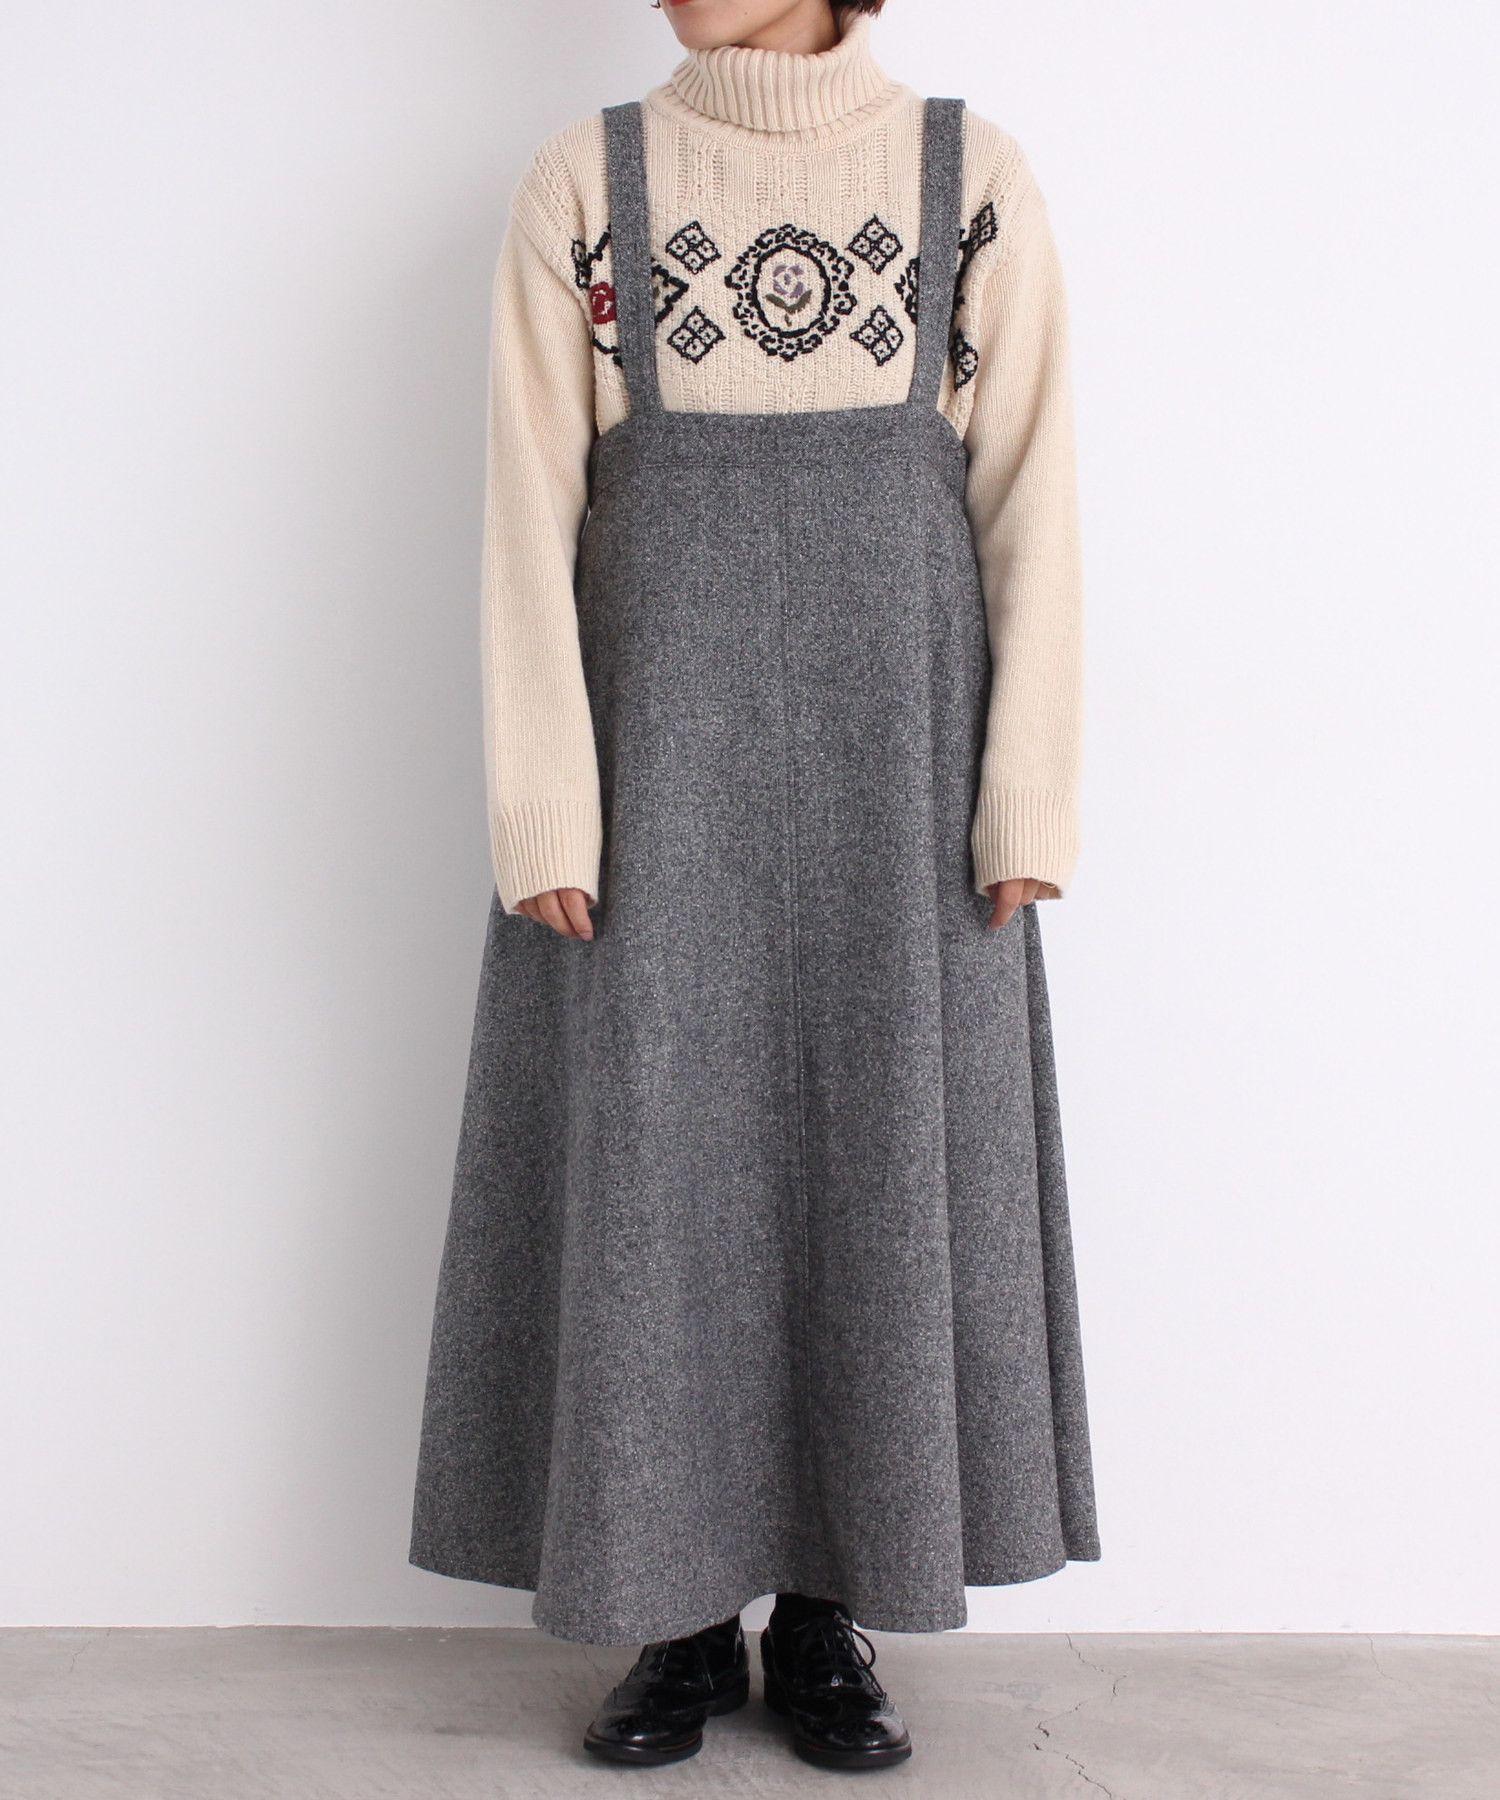 a4c4f0ff6c9f0 Malle chambre de charme malle シルクネップツイード 吊りスカート ...